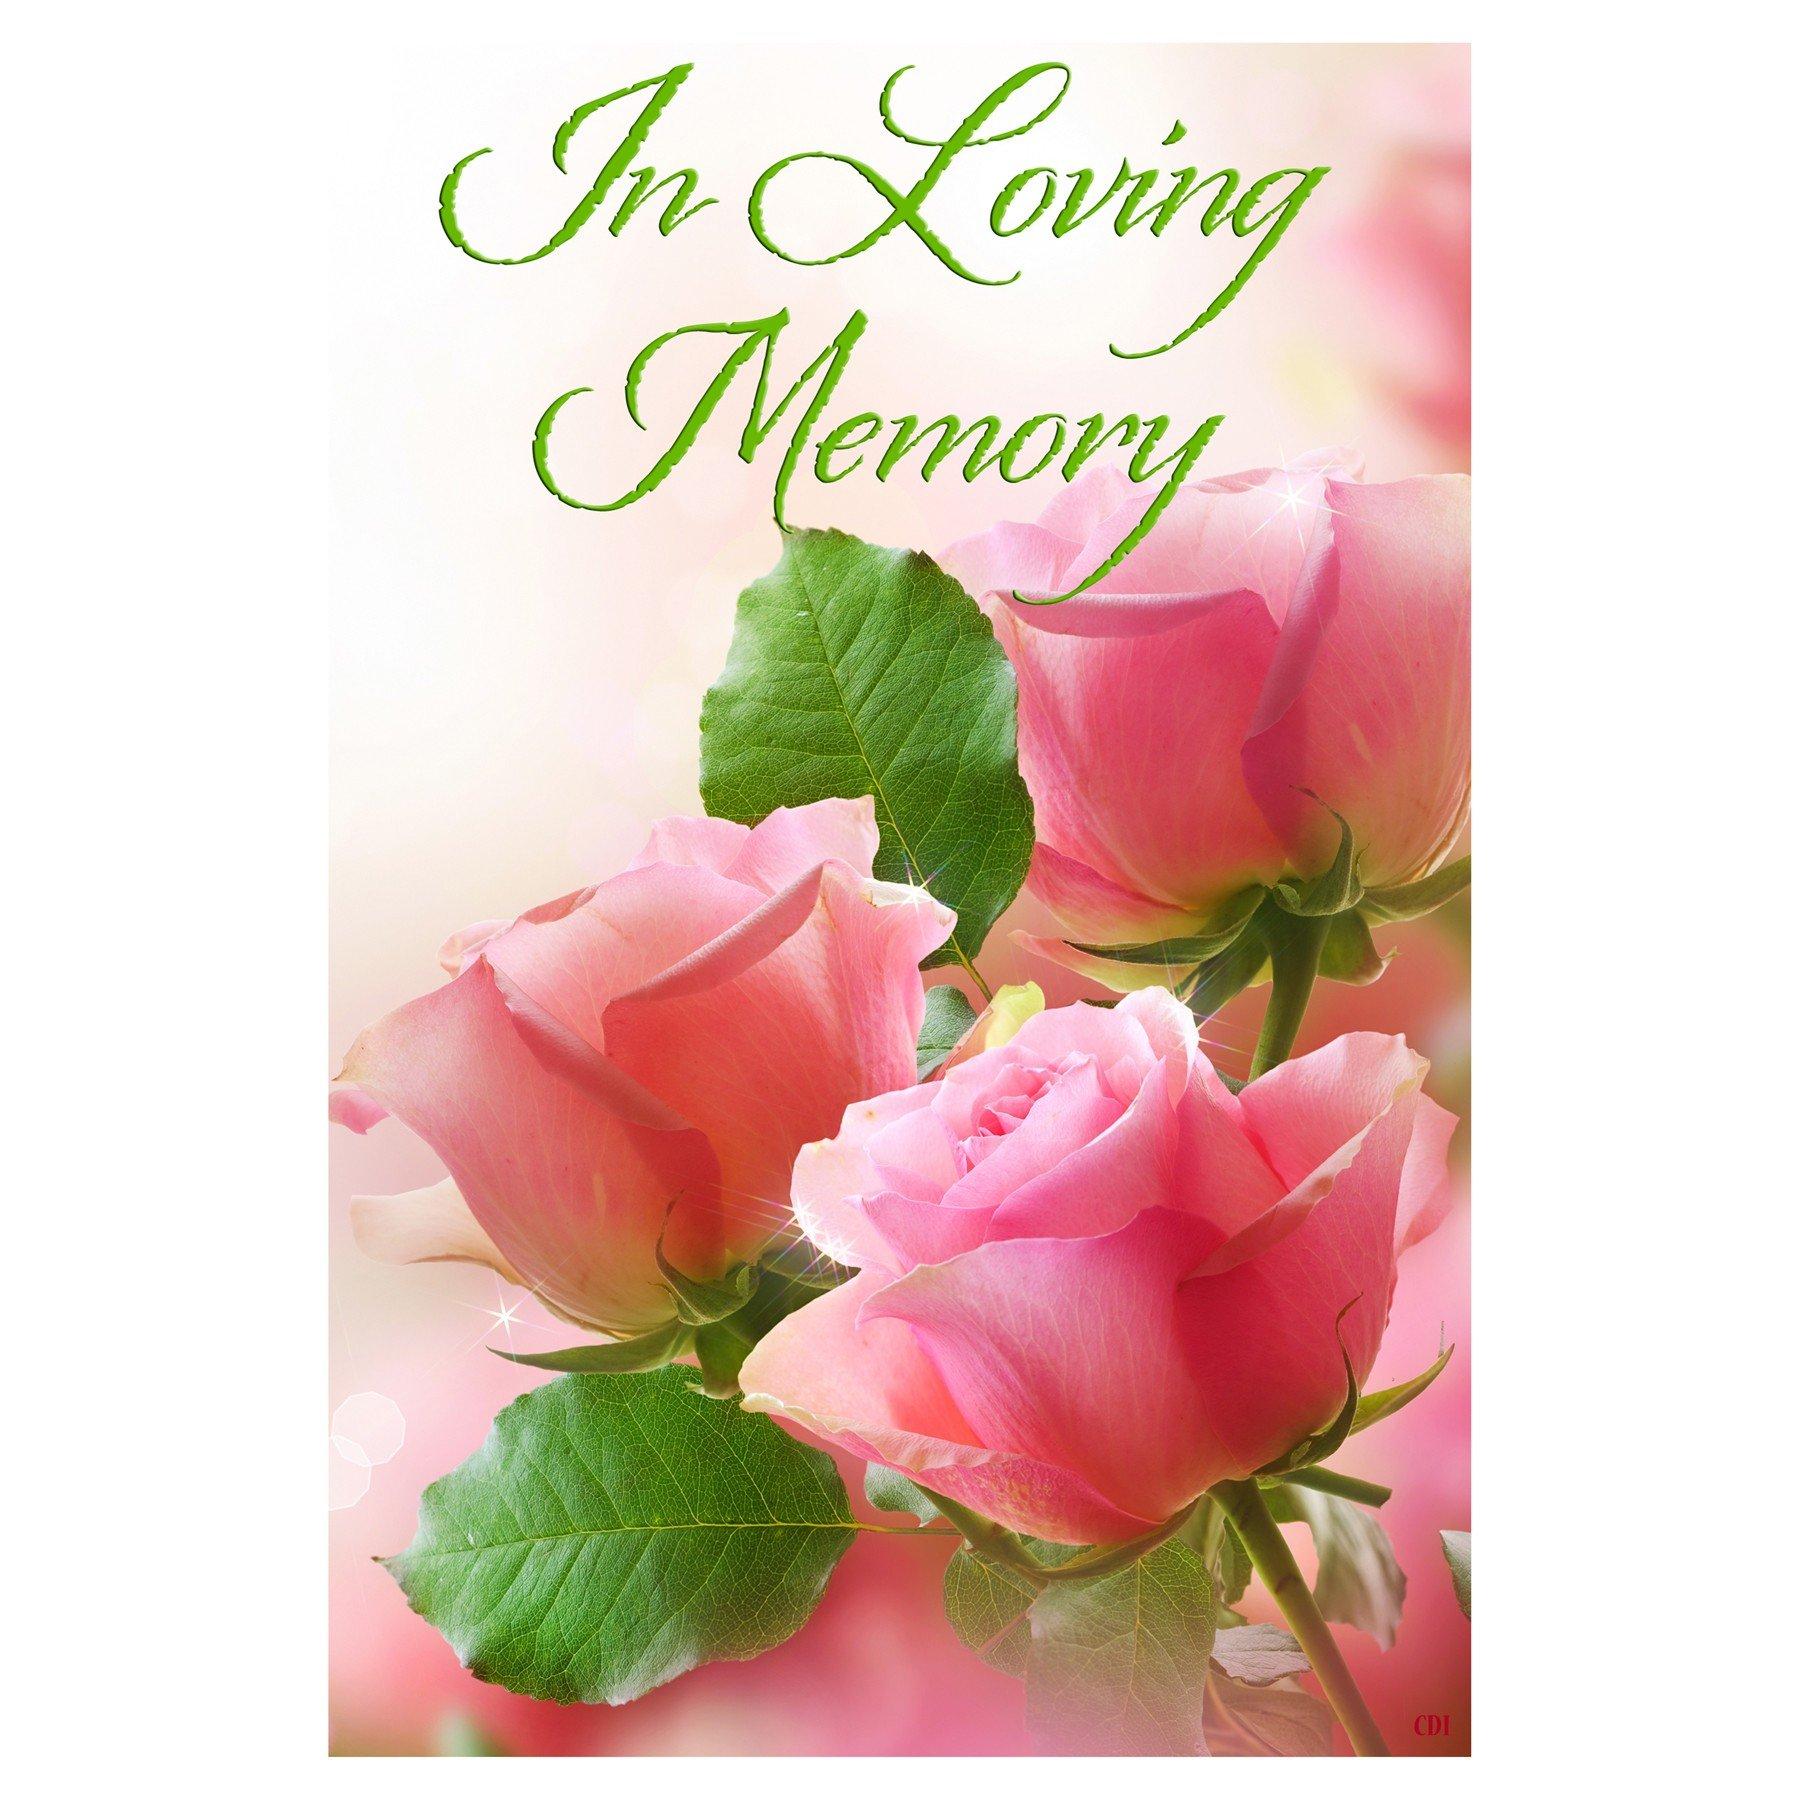 In Loving Memory Backgrounds - WallpaperSafari In Loving Memory Graphics